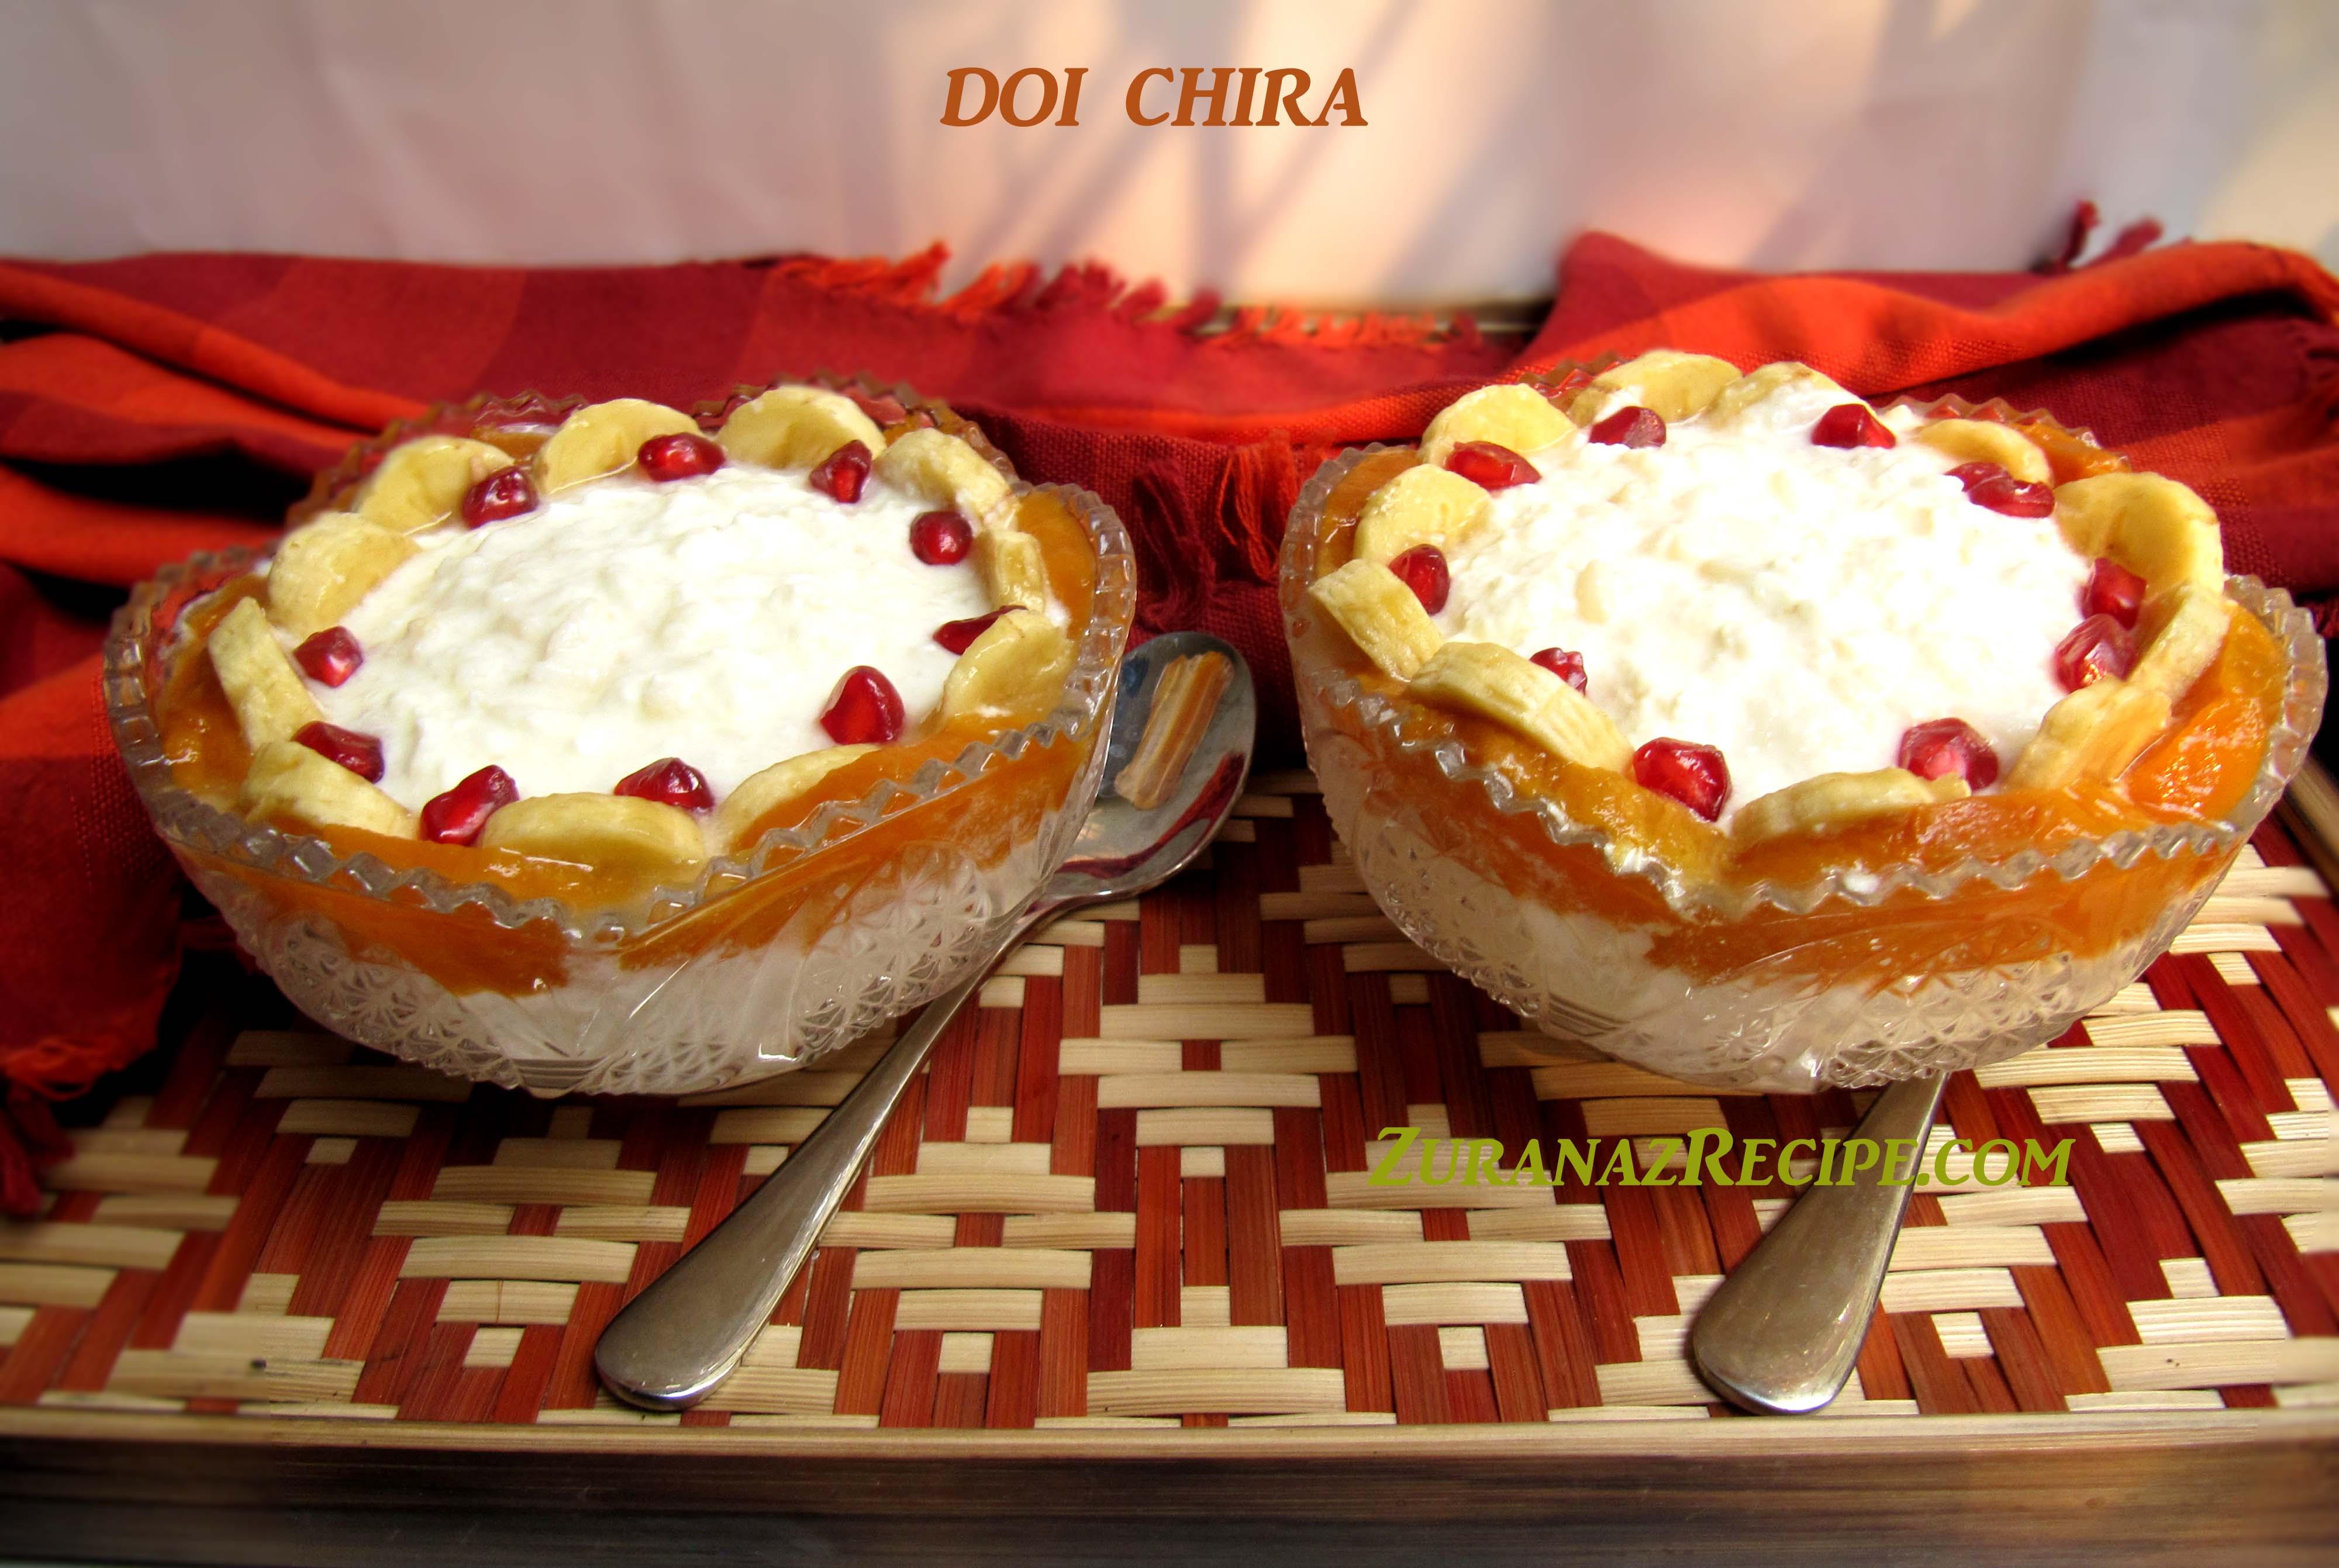 Doi Chira/Dohi Chira/Chira-Muri